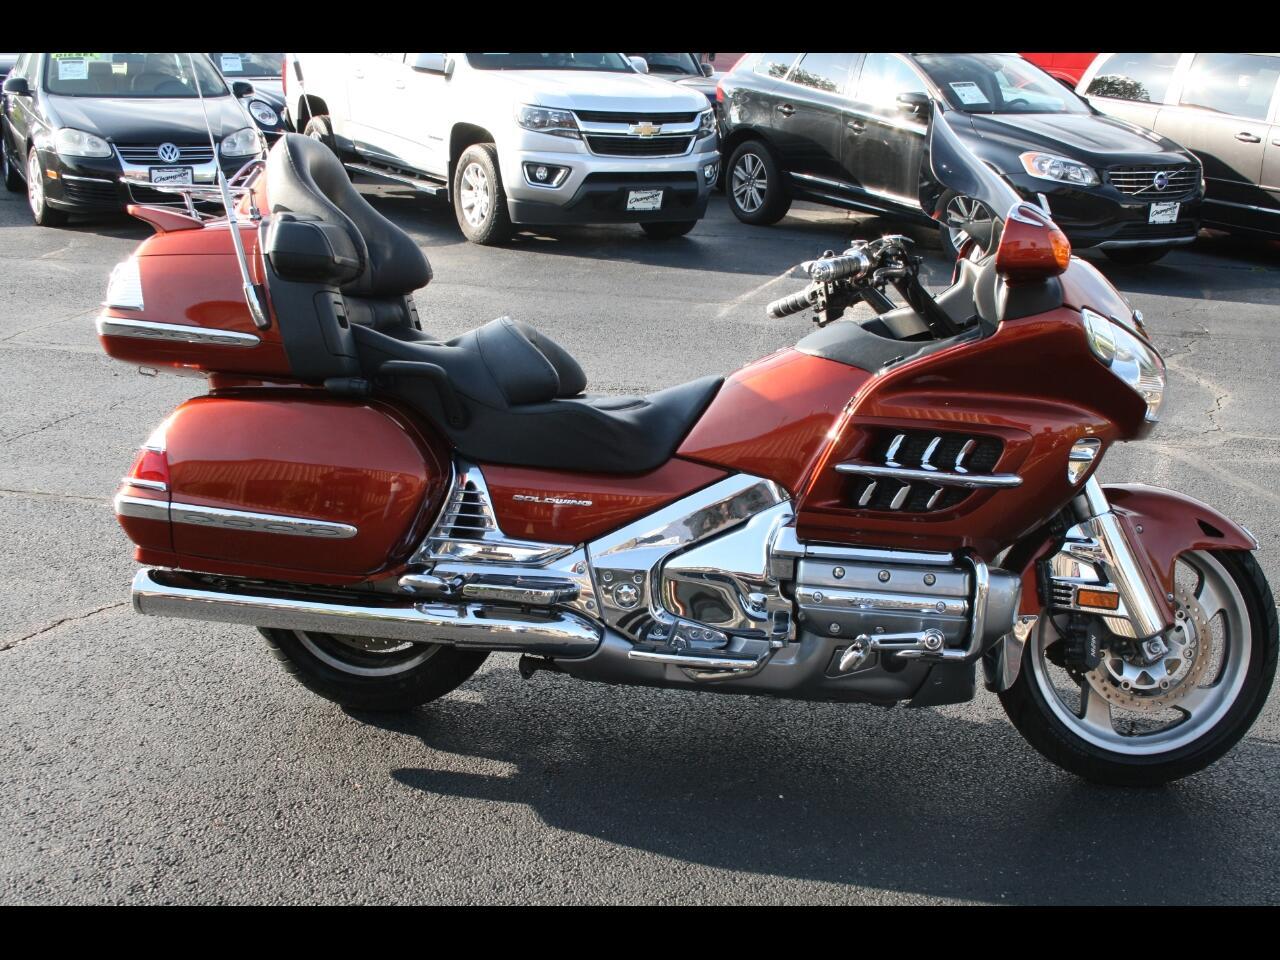 2007 Honda Gold Wing ABS AUDIO COMFORT NAVI AIR BAG